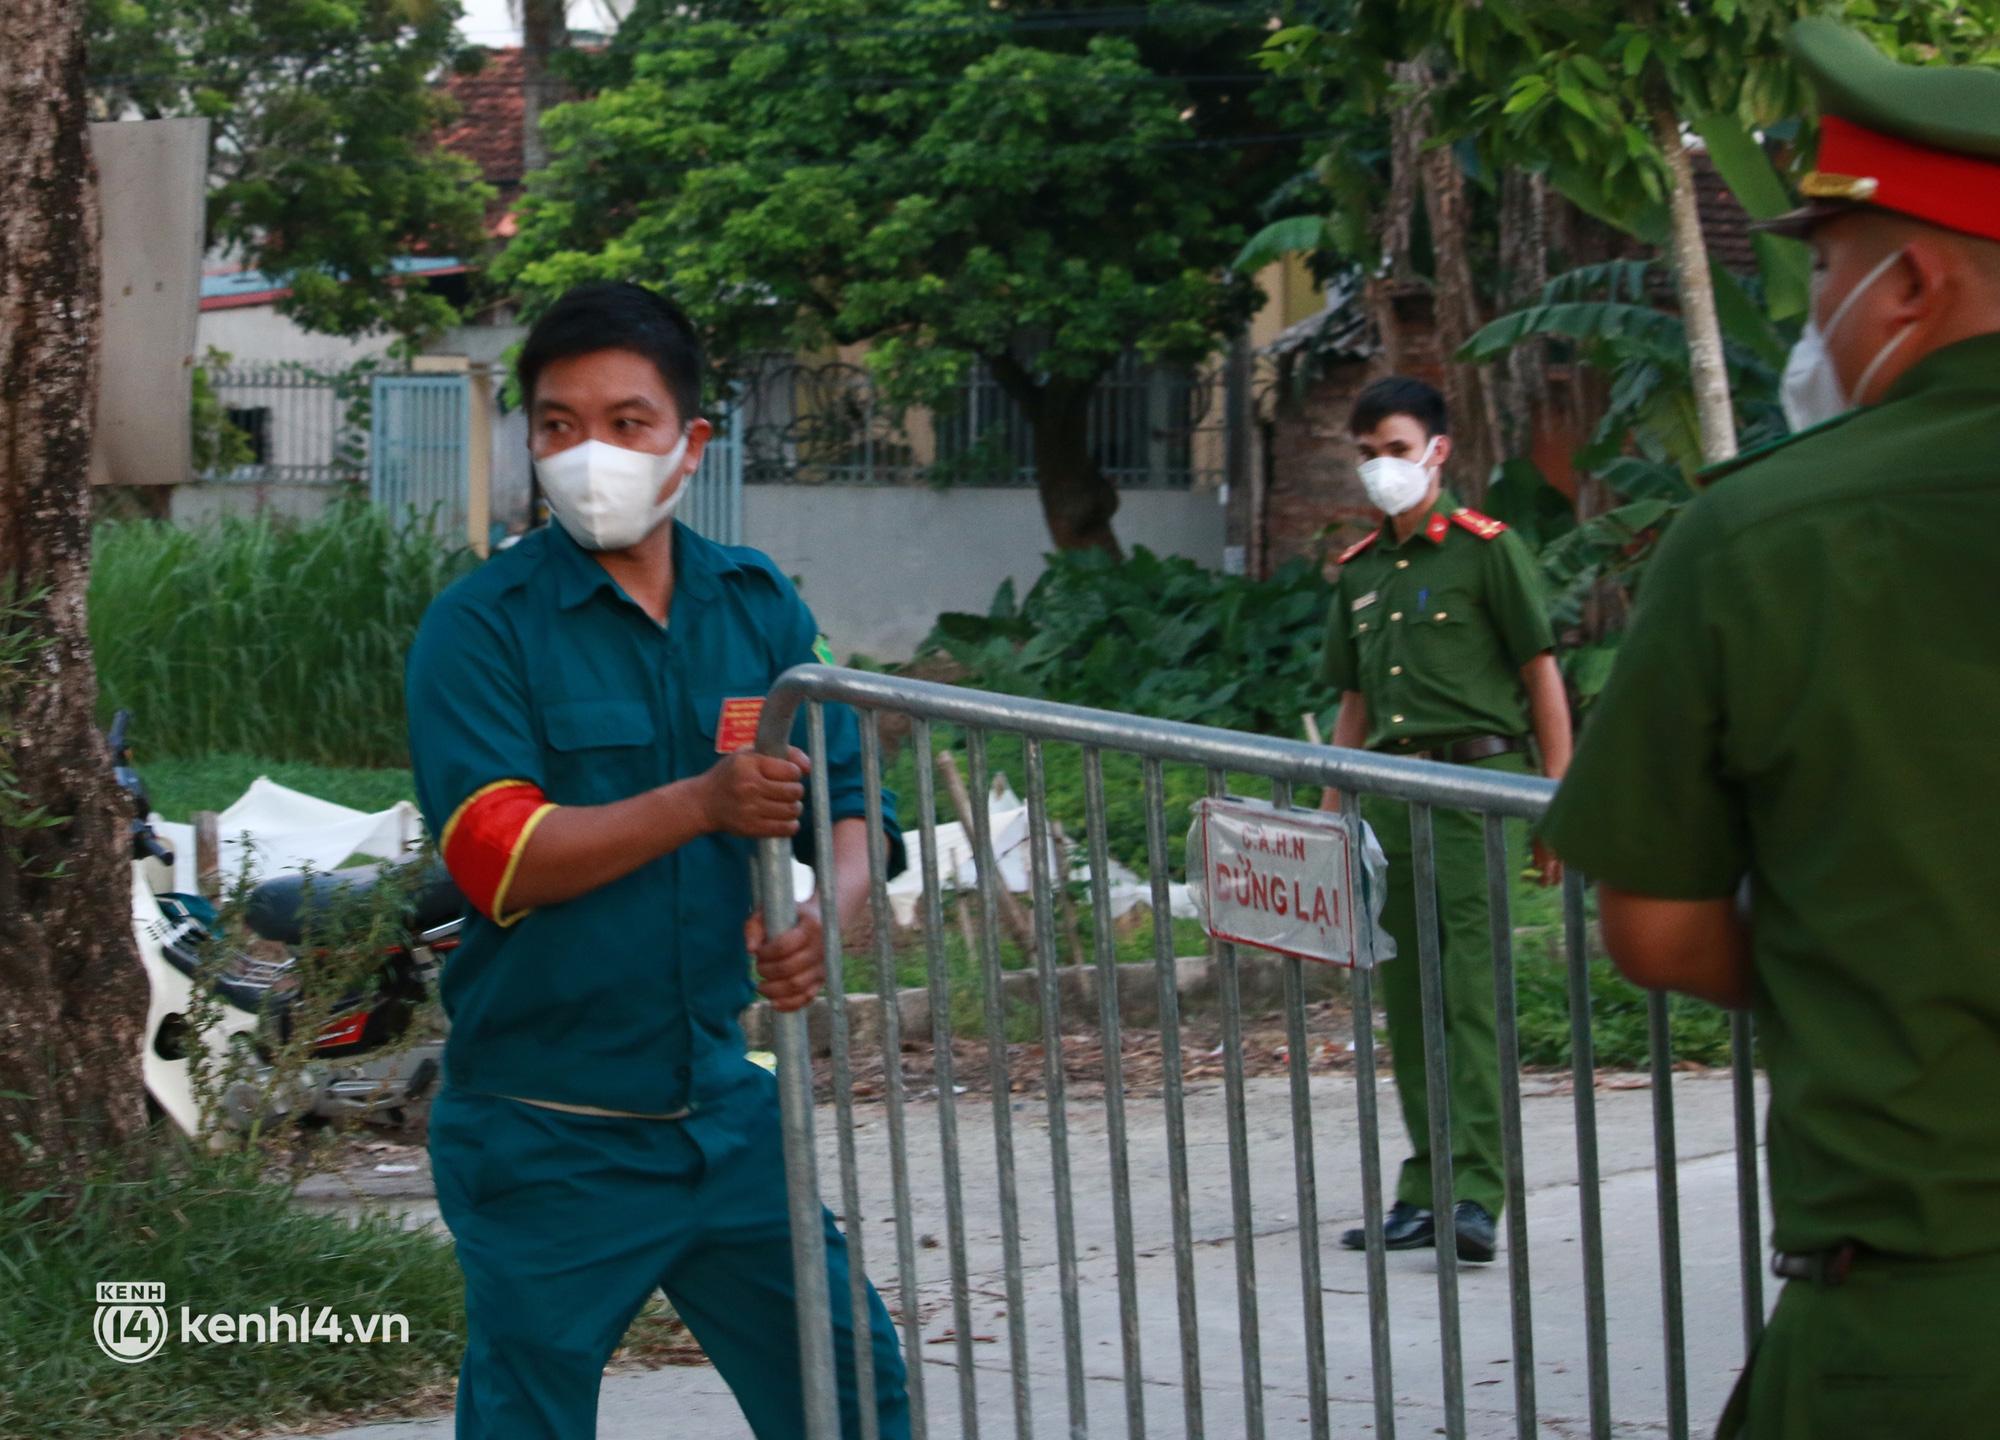 Ảnh: Khẩn trương xét nghiệm hơn 9.000 dân sau khi phát hiện 5 ca mắc Covid-19 ở ngoại thành Hà Nội - Ảnh 2.